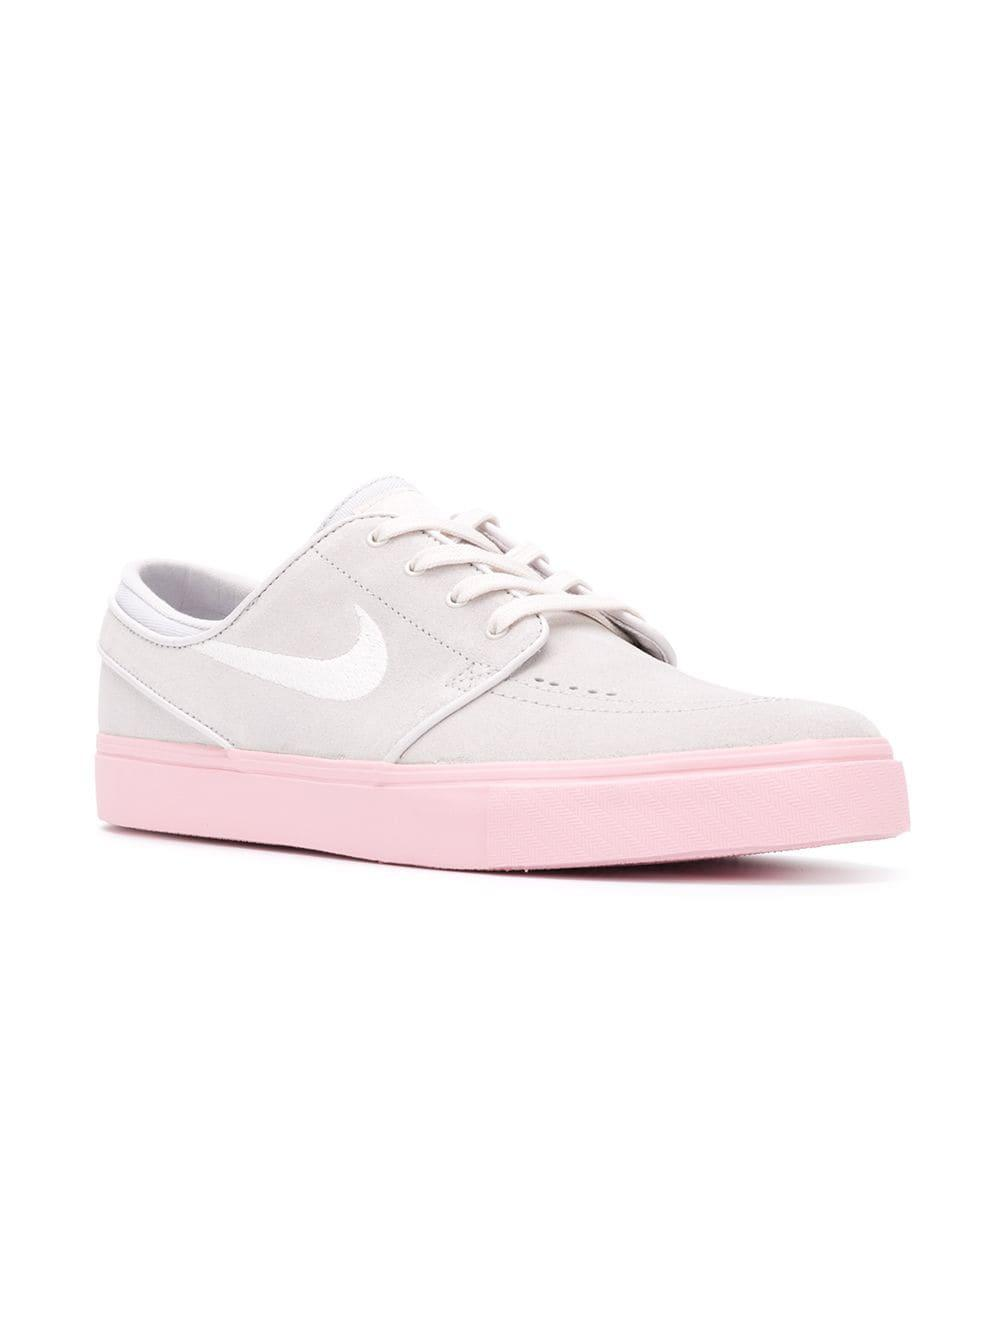 new product de283 5a32f Lyst - Nike Zoom Stefan Janoski Sneakers in Gray for Men